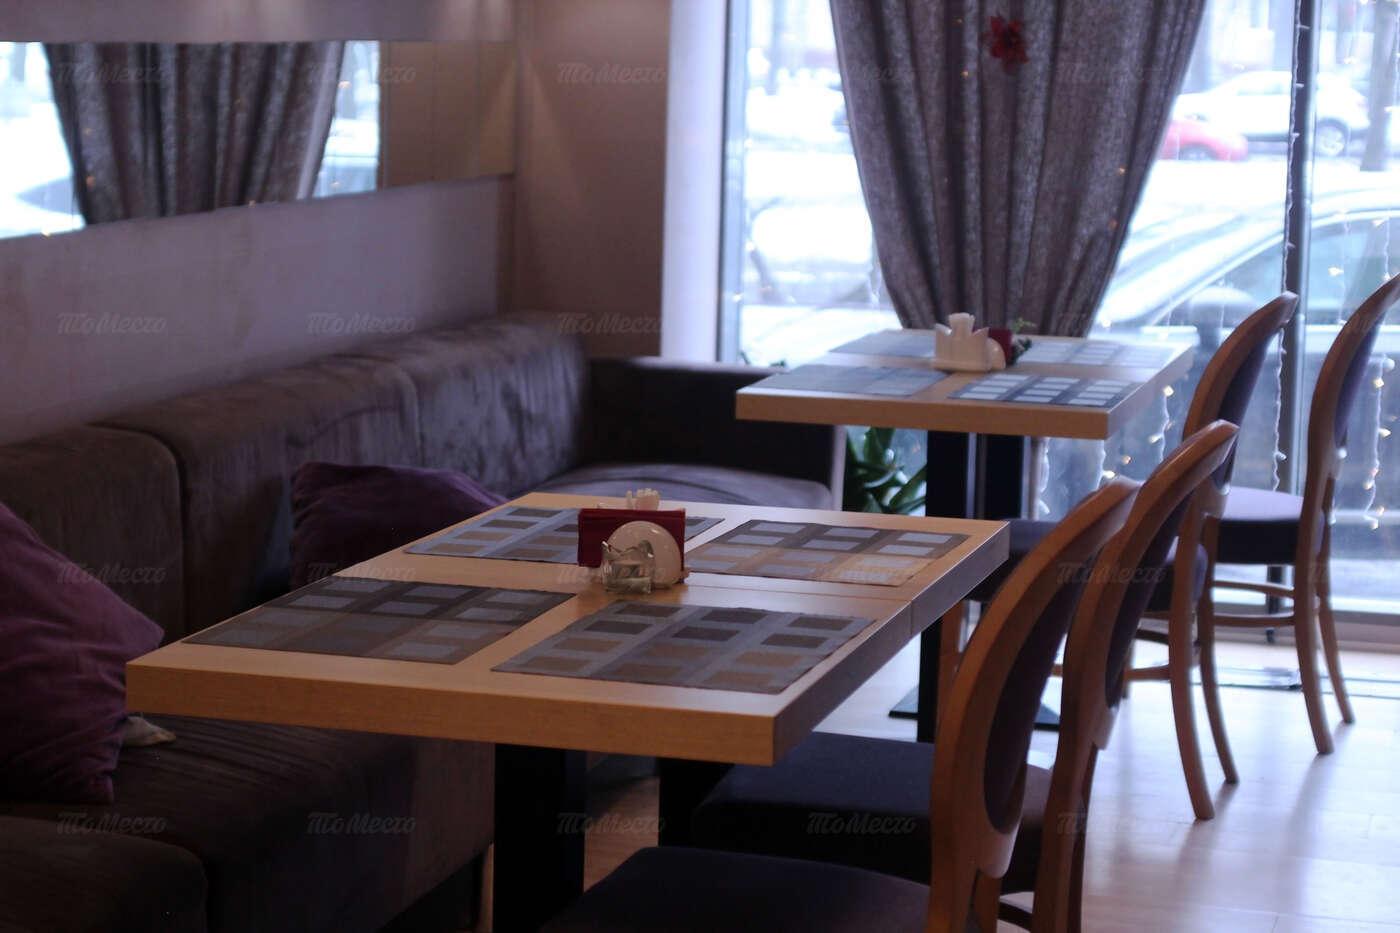 Кафе Хинкальная на проспекте Космонавтов фото 4